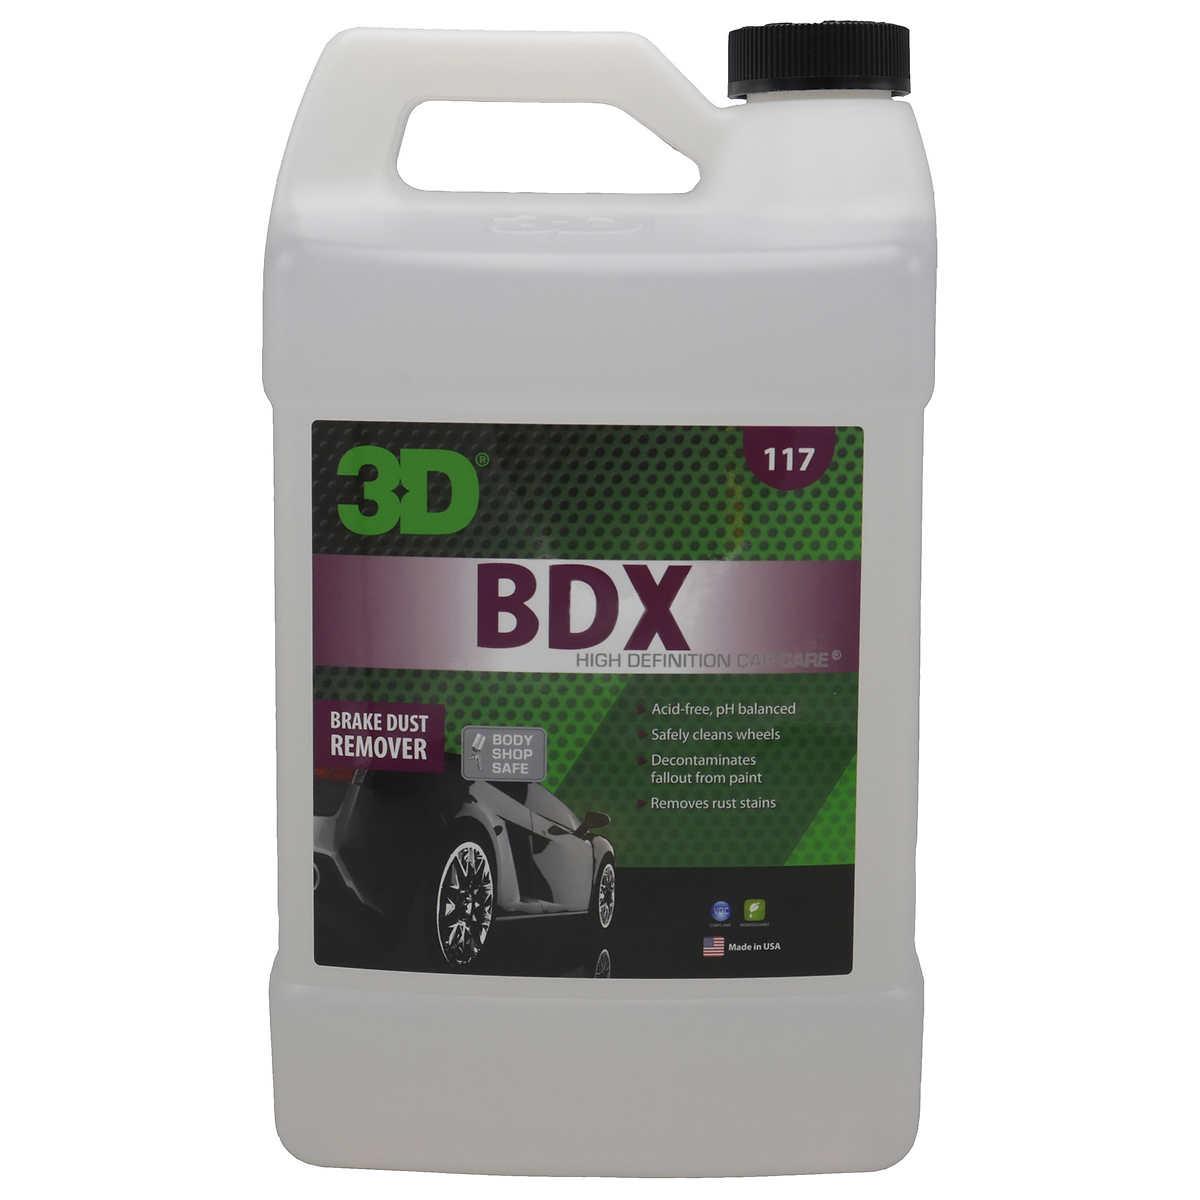 3d bdx brake dust cleaner one gallon refill